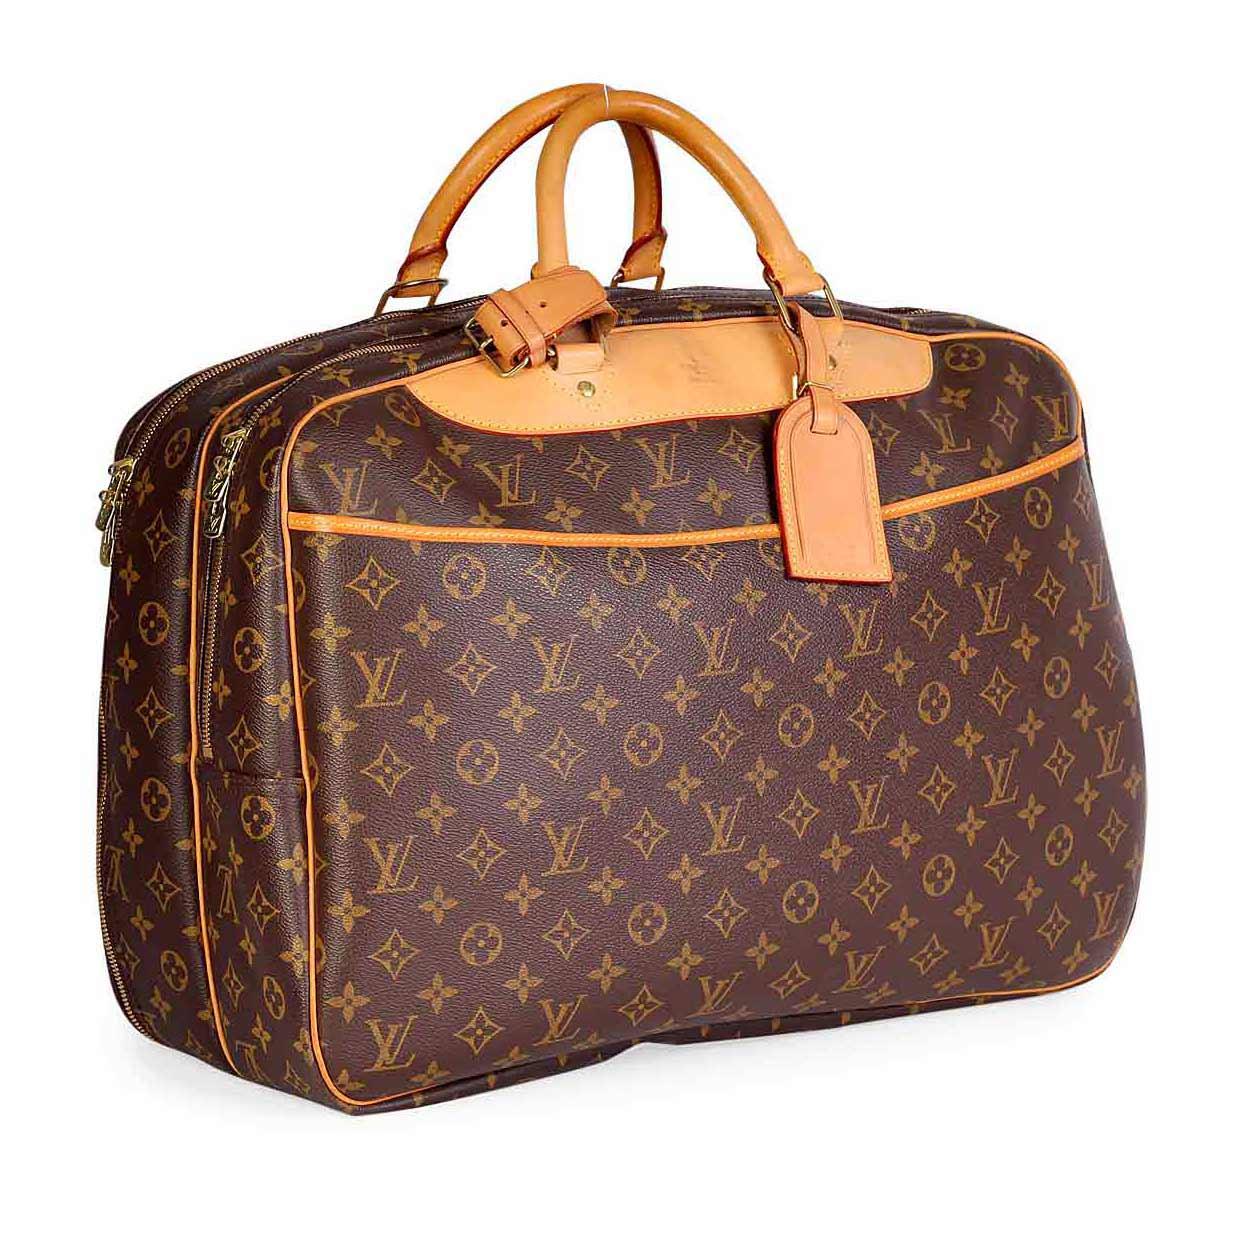 LOUIS-VUITTON-Monogram-Vintage-Alize-2-Poches-Travel-Bag--Angle  7d1a3934762e6